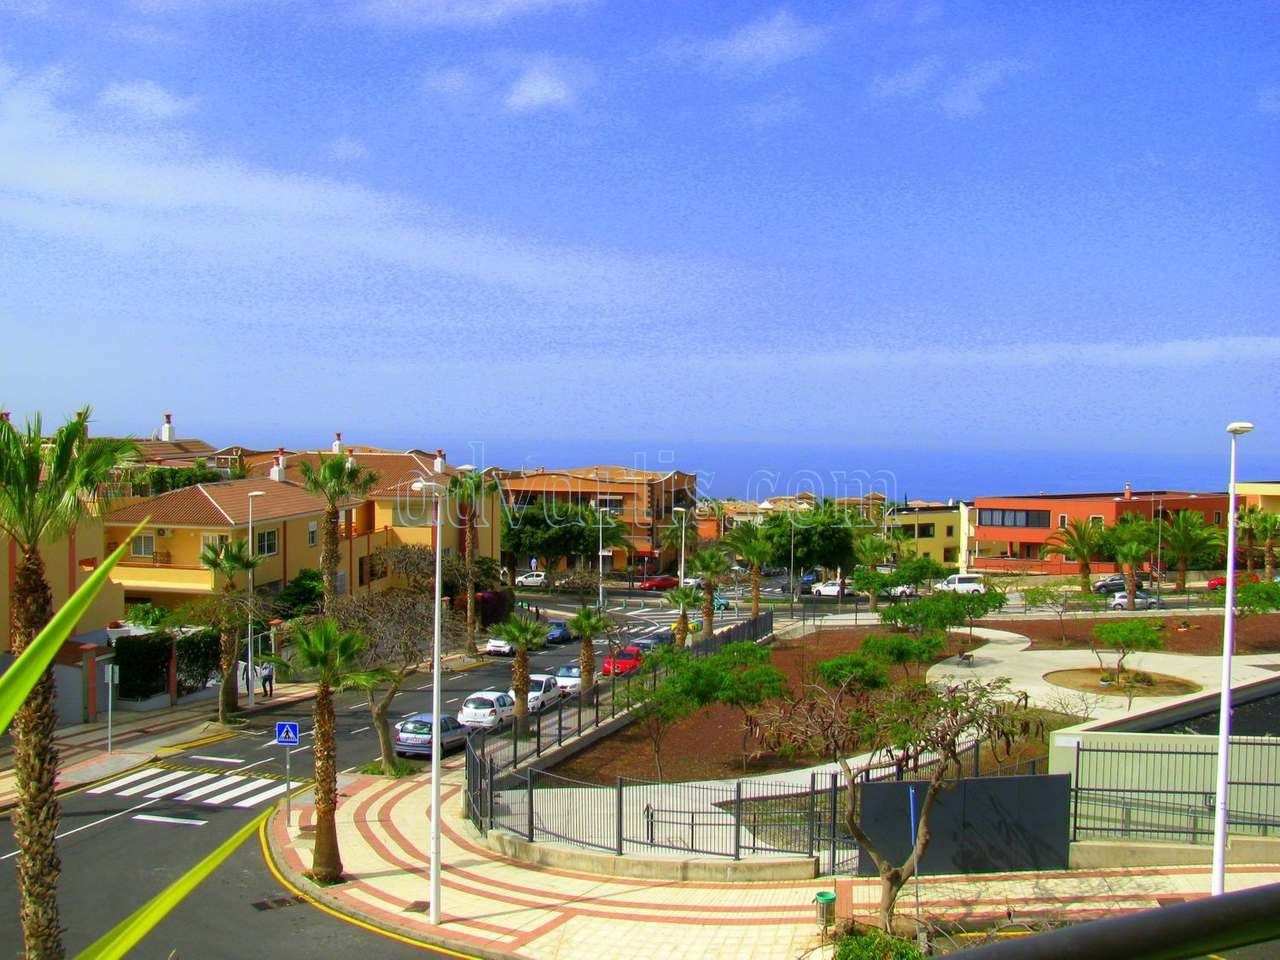 2 bedroom apartment for sale in Adeje Tenerife €230.000